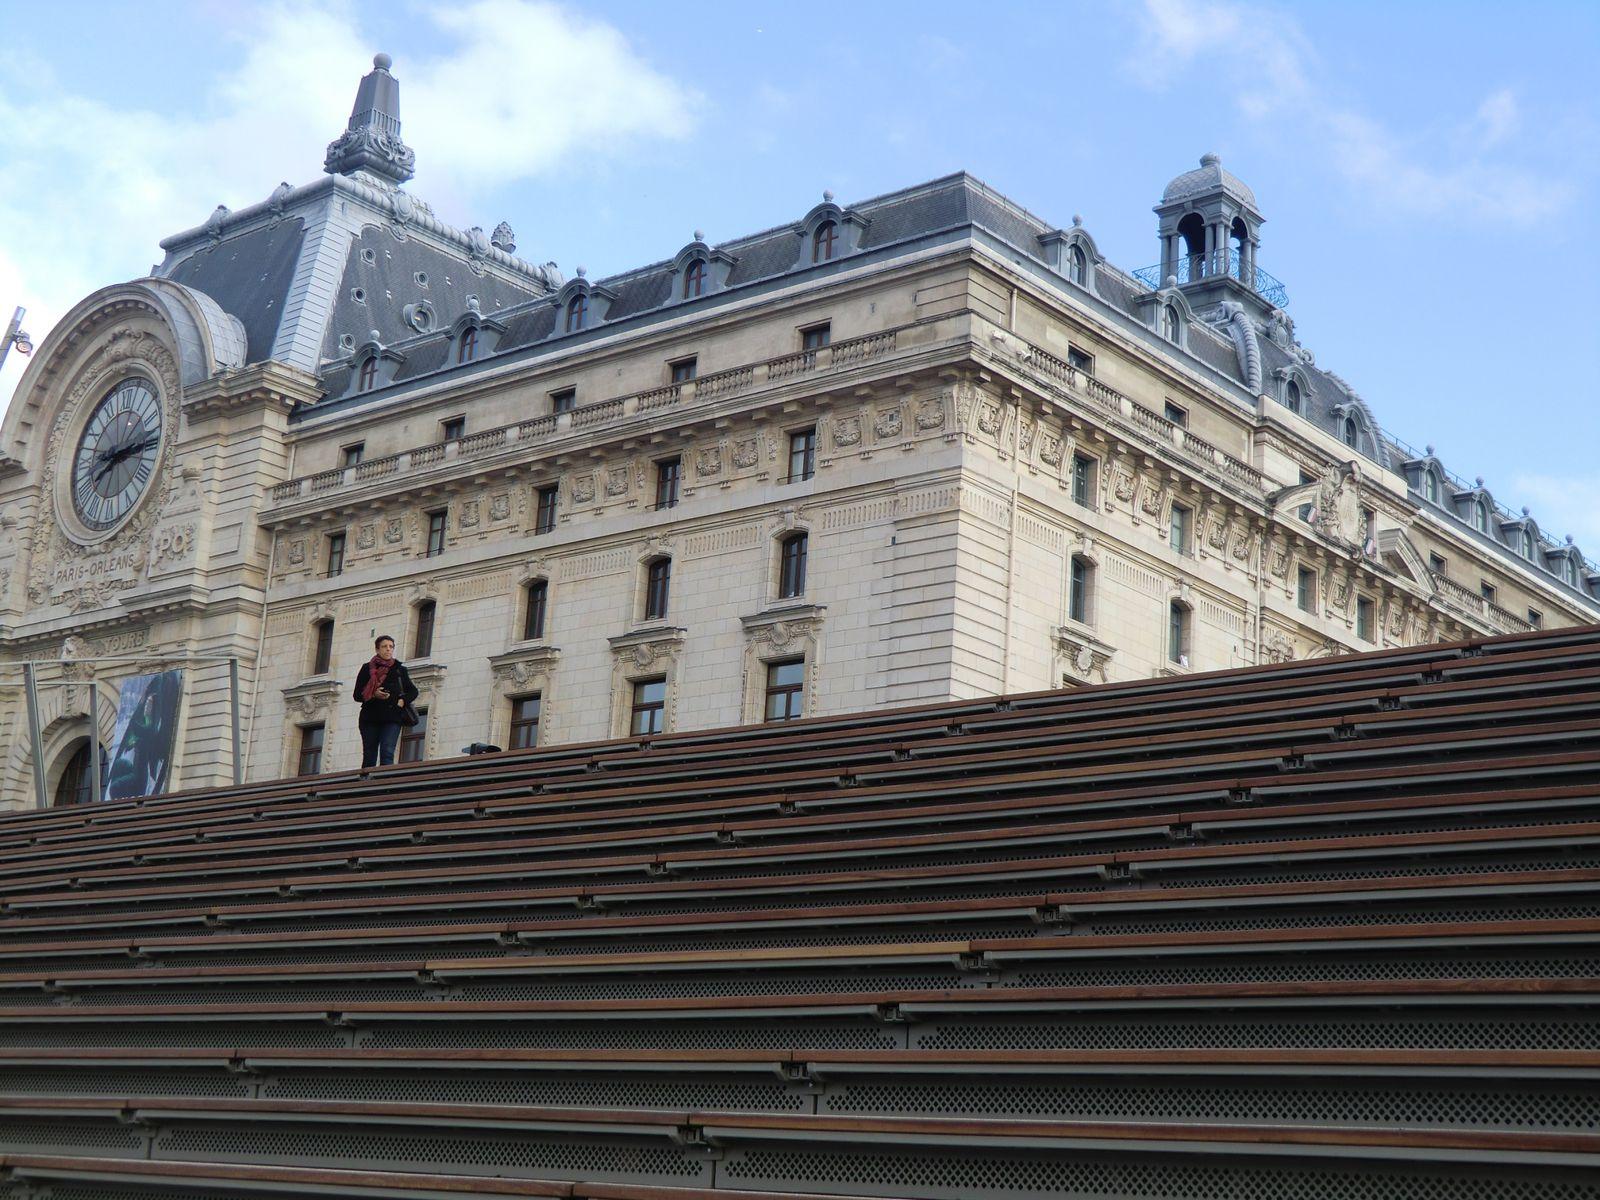 Le Musée d'Orsay et les marches en bois qui rejoignent la Seine